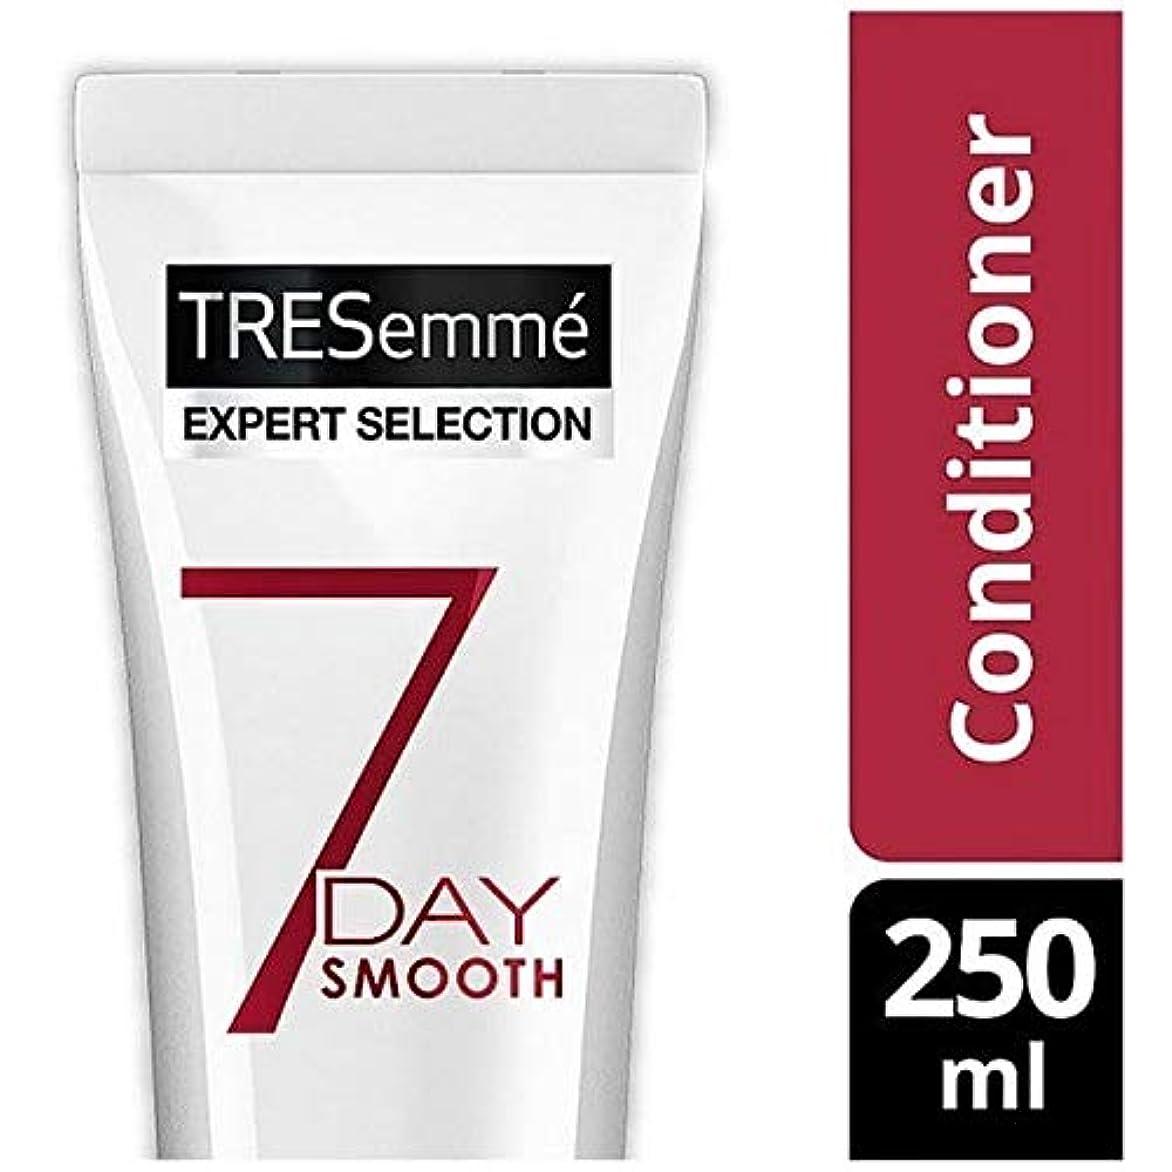 どういたしまして慰め識別[Tresemme] Tresemmeの専門家7日スムーズコンディショナー250Ml - Tresemme Specialist 7 Day Smooth Conditioner 250ml [並行輸入品]